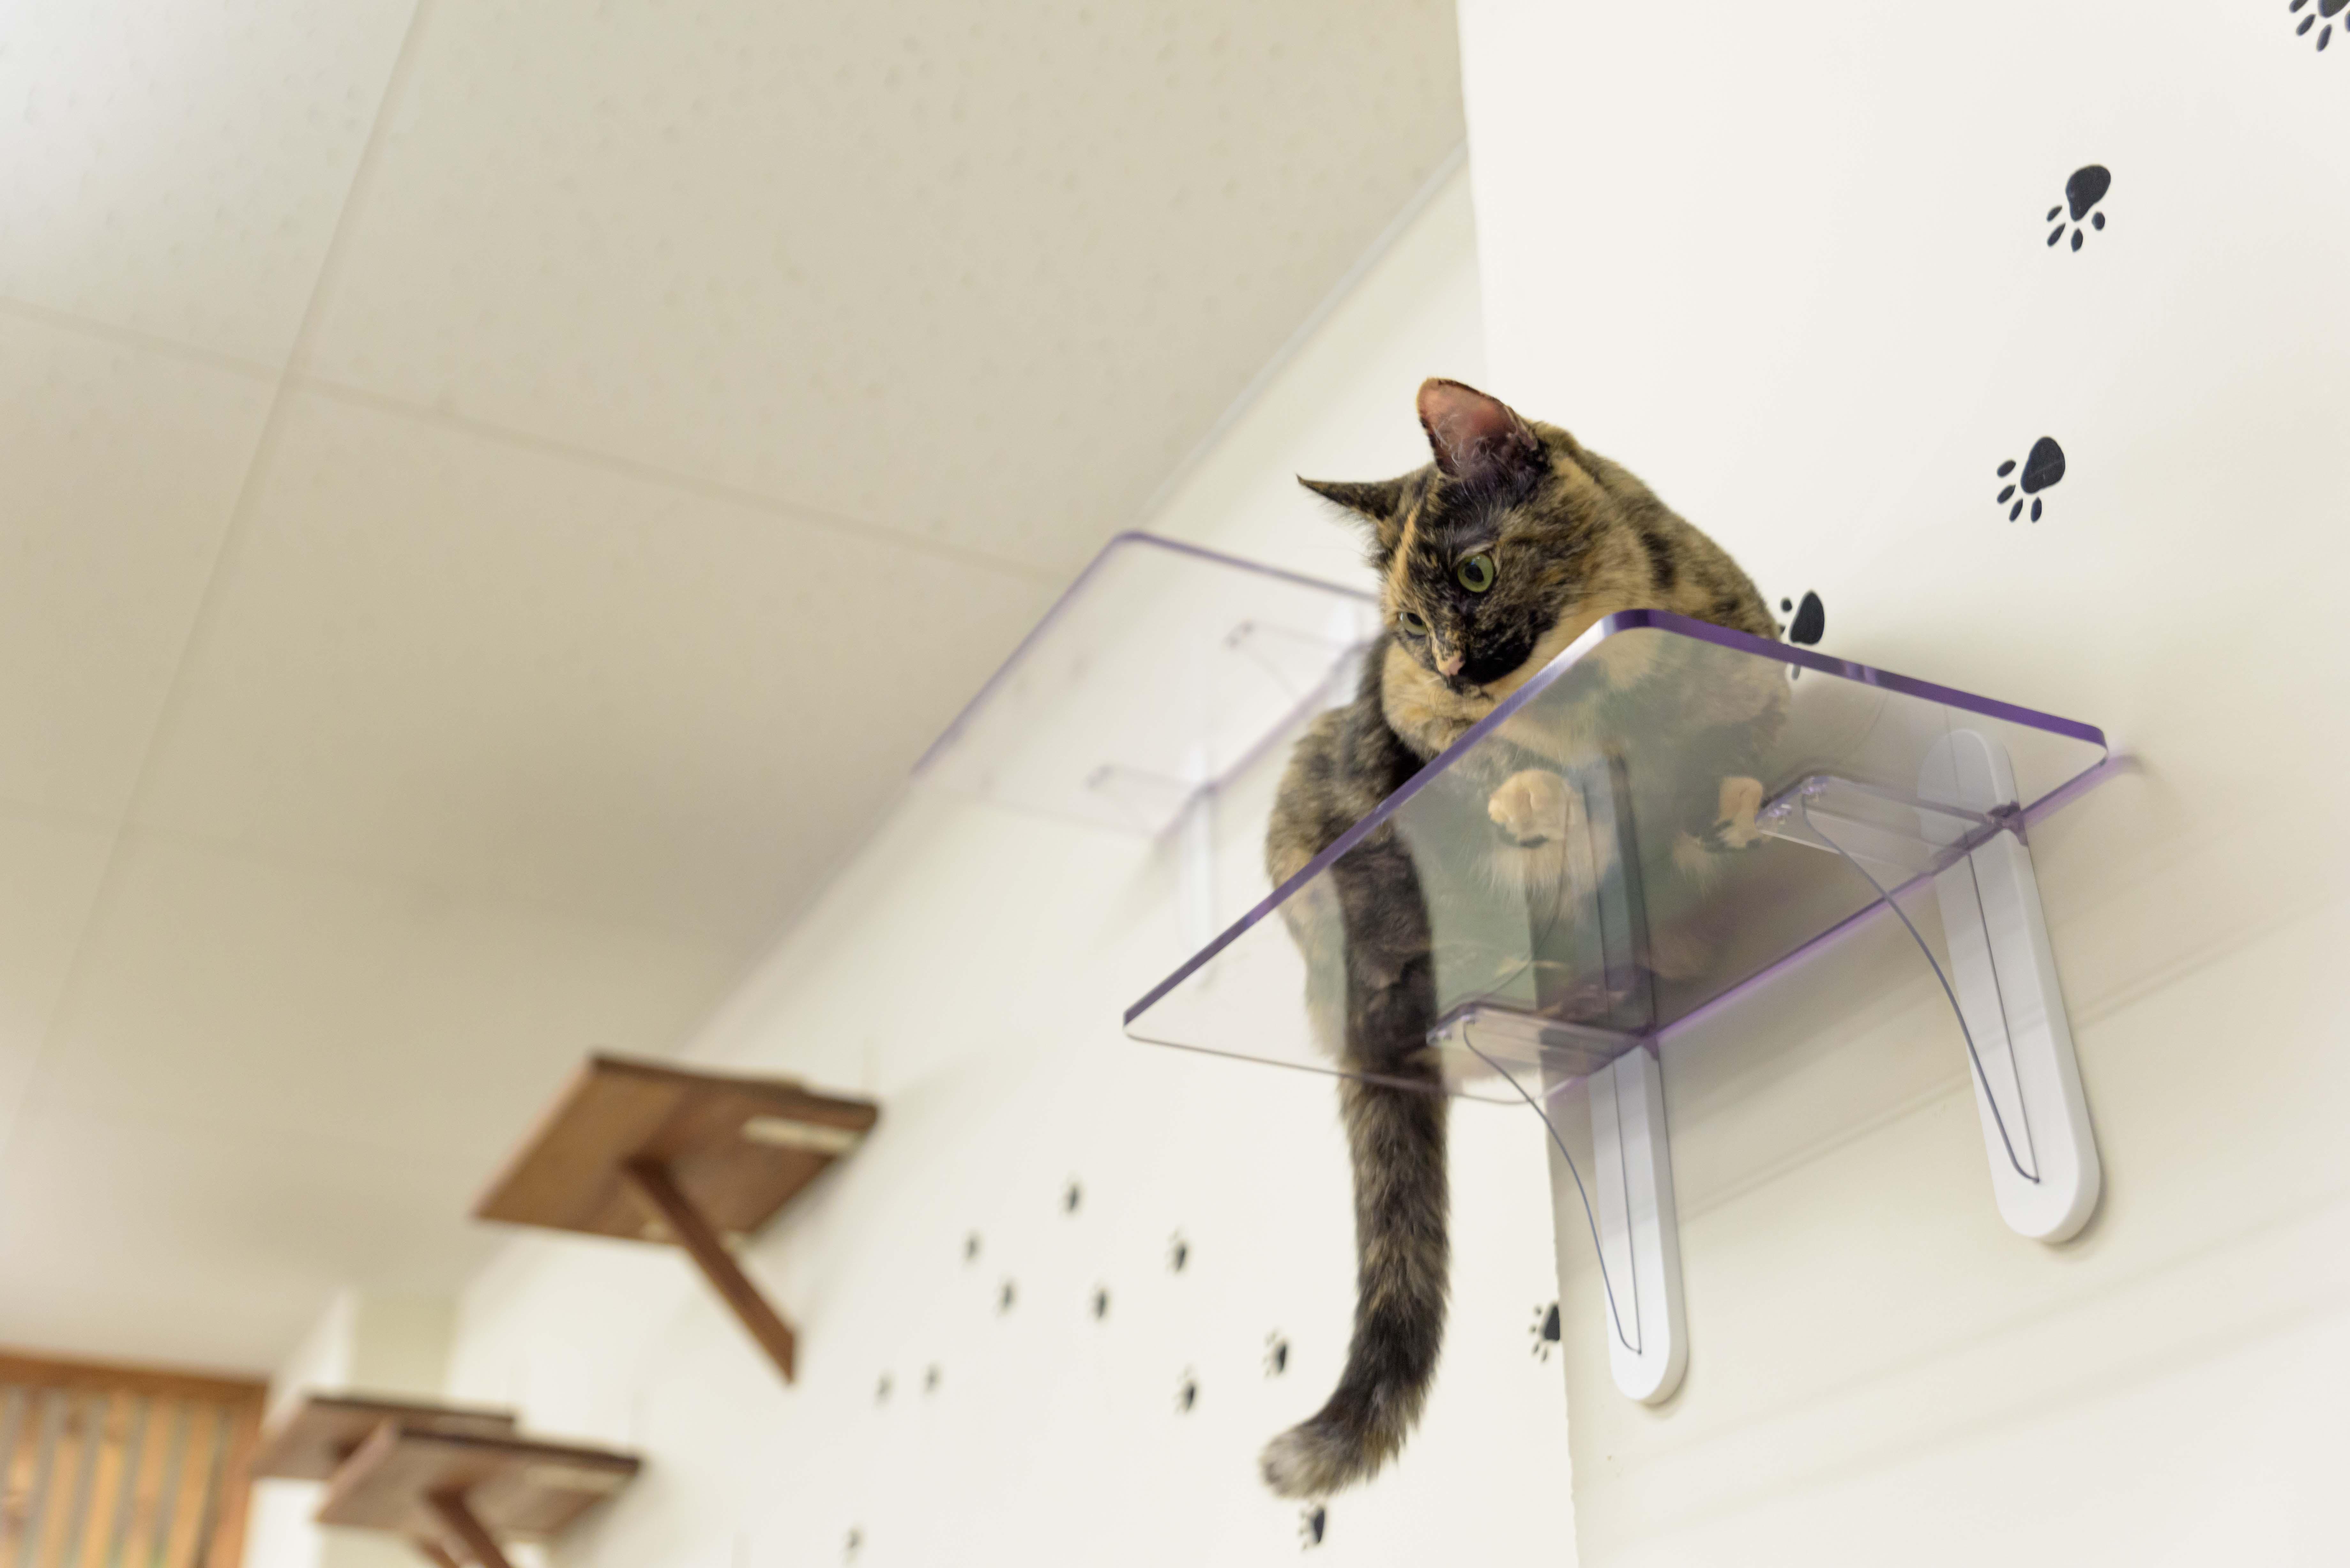 ネコの肉球が見える透明キャットステップを開発